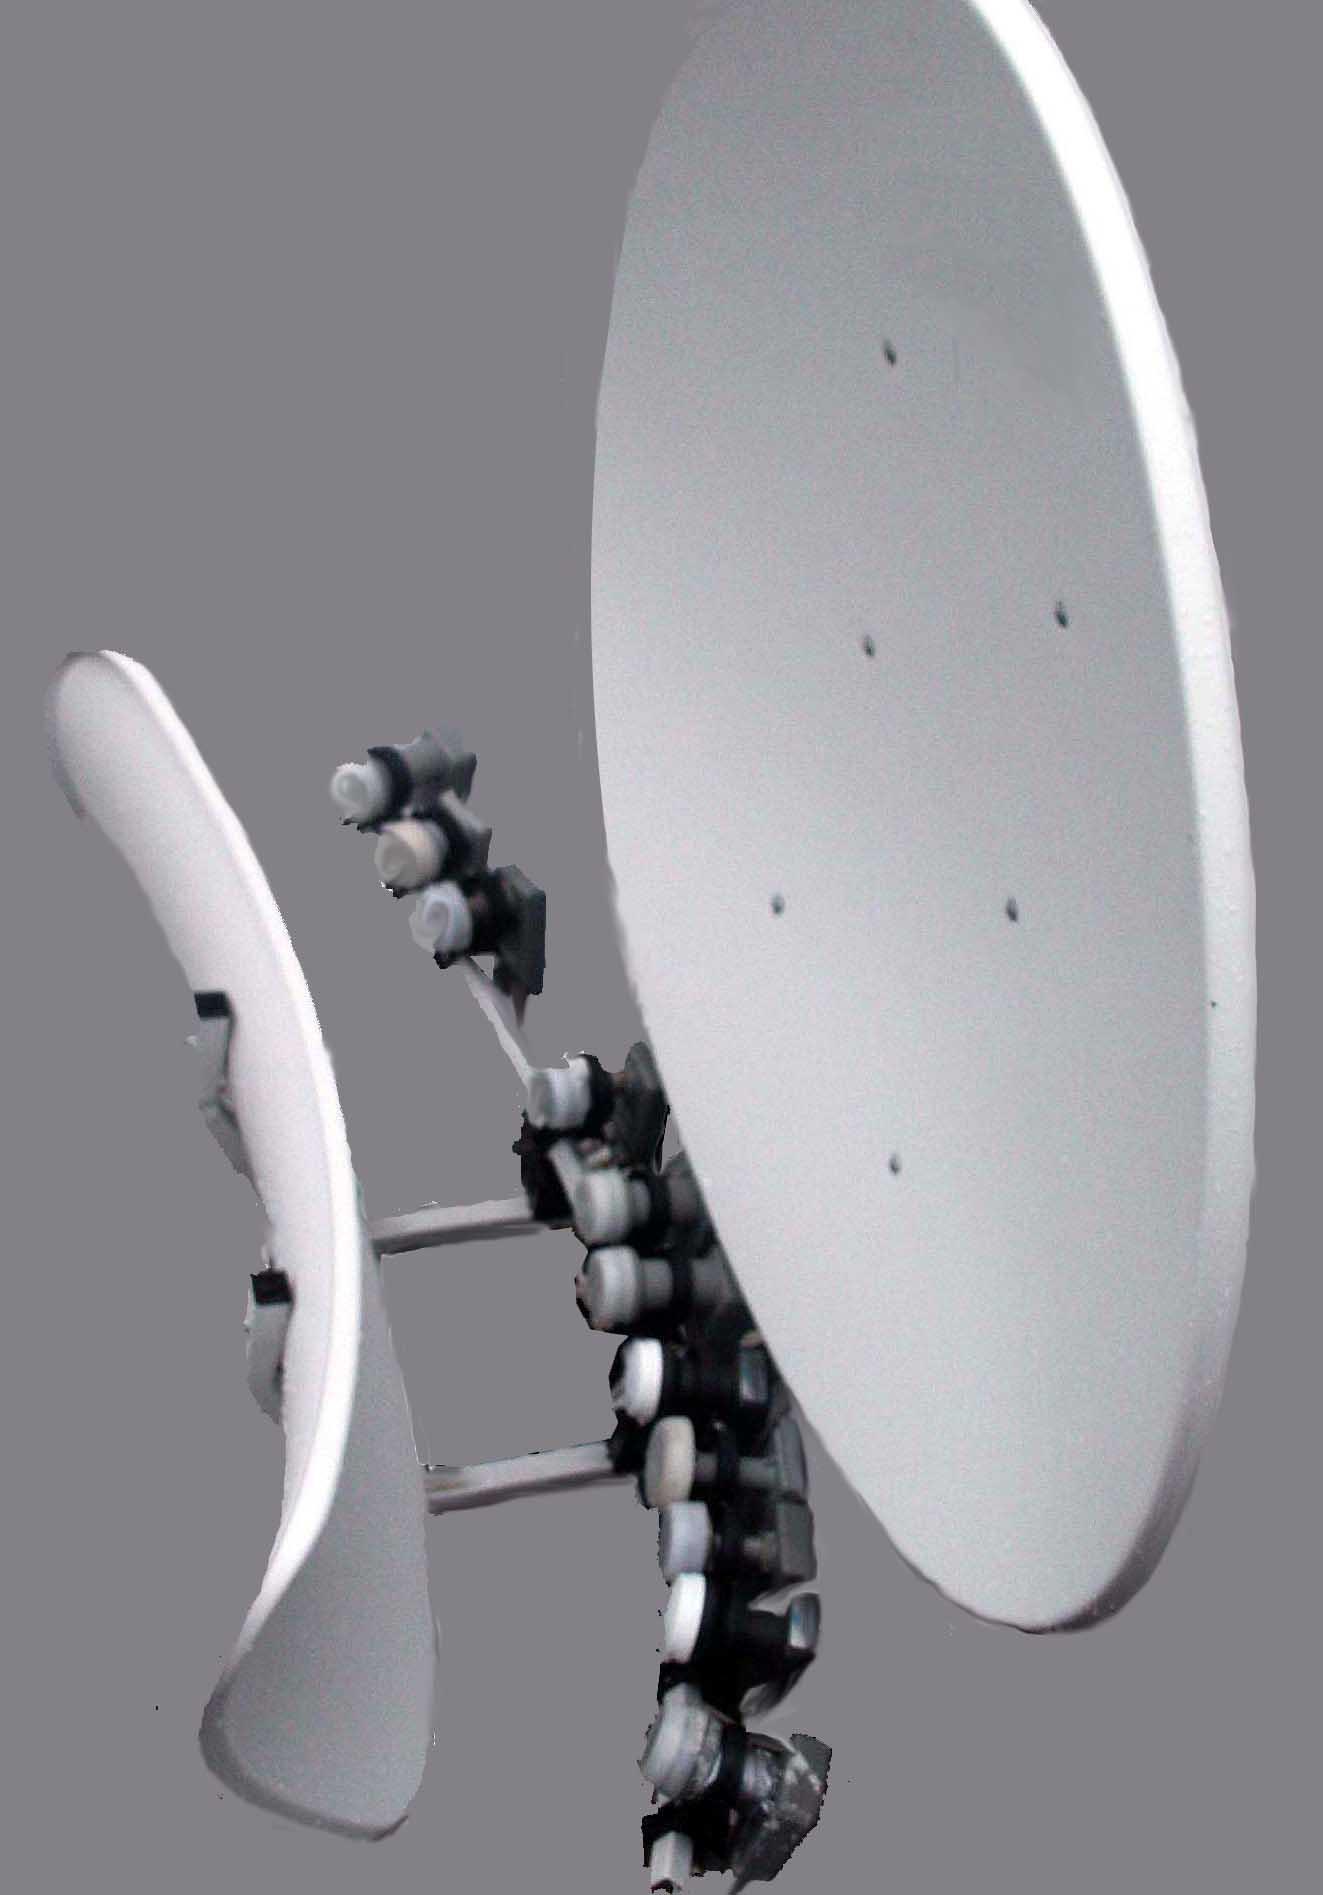 Спутниковые координаты порно каналов 12 фотография